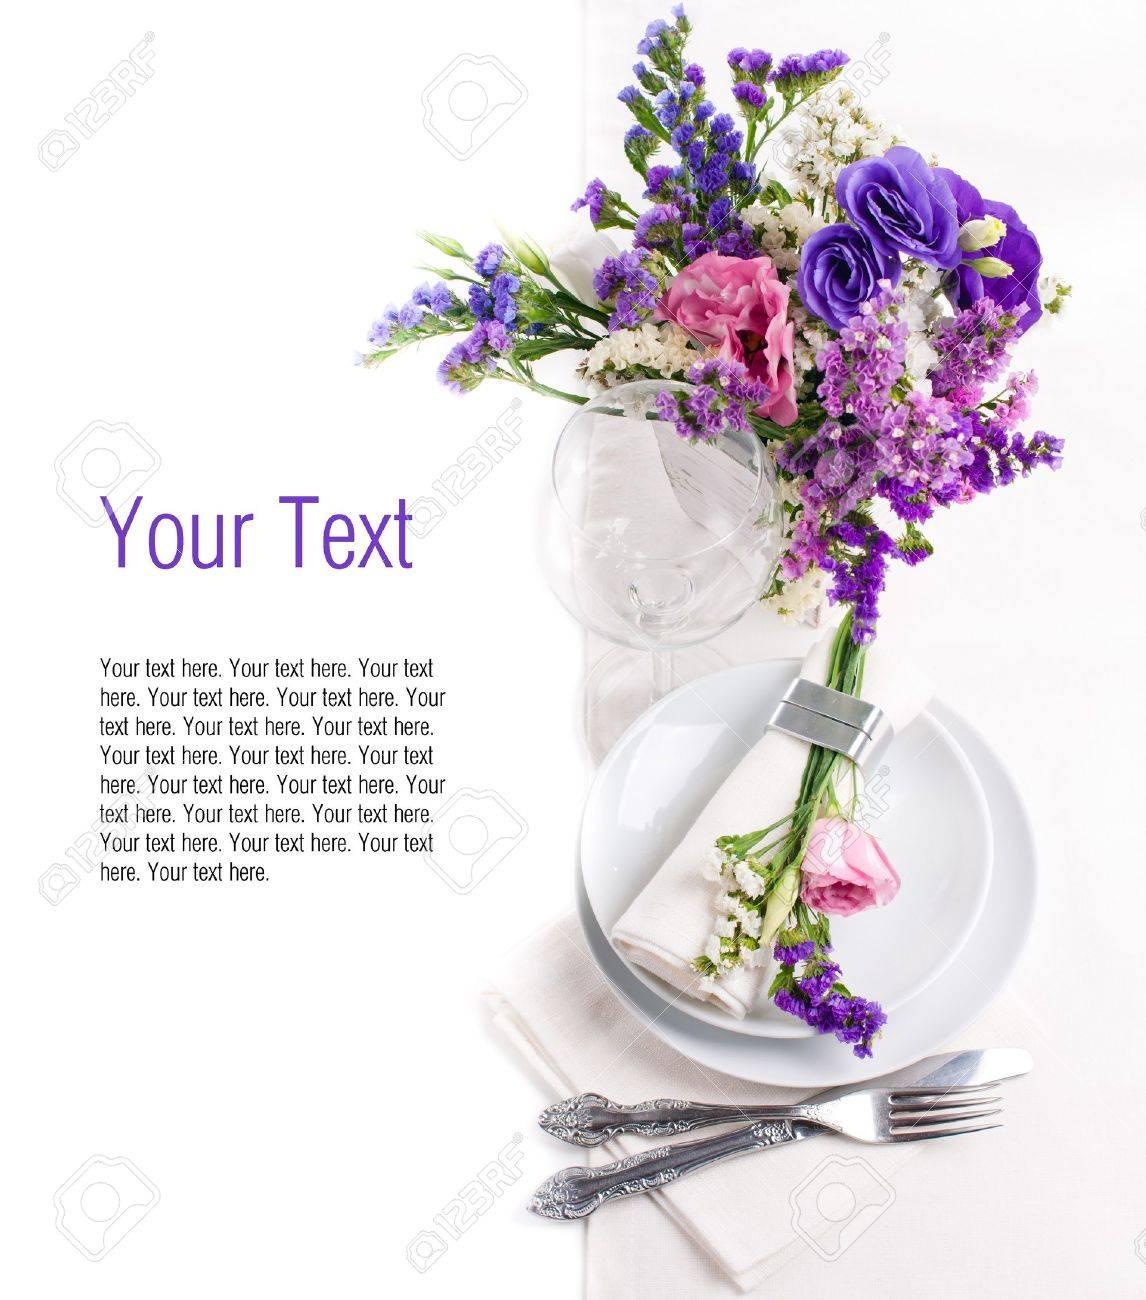 Cadre Et La Decoration De Table De Fete Avec Des Fleurs Fraiches